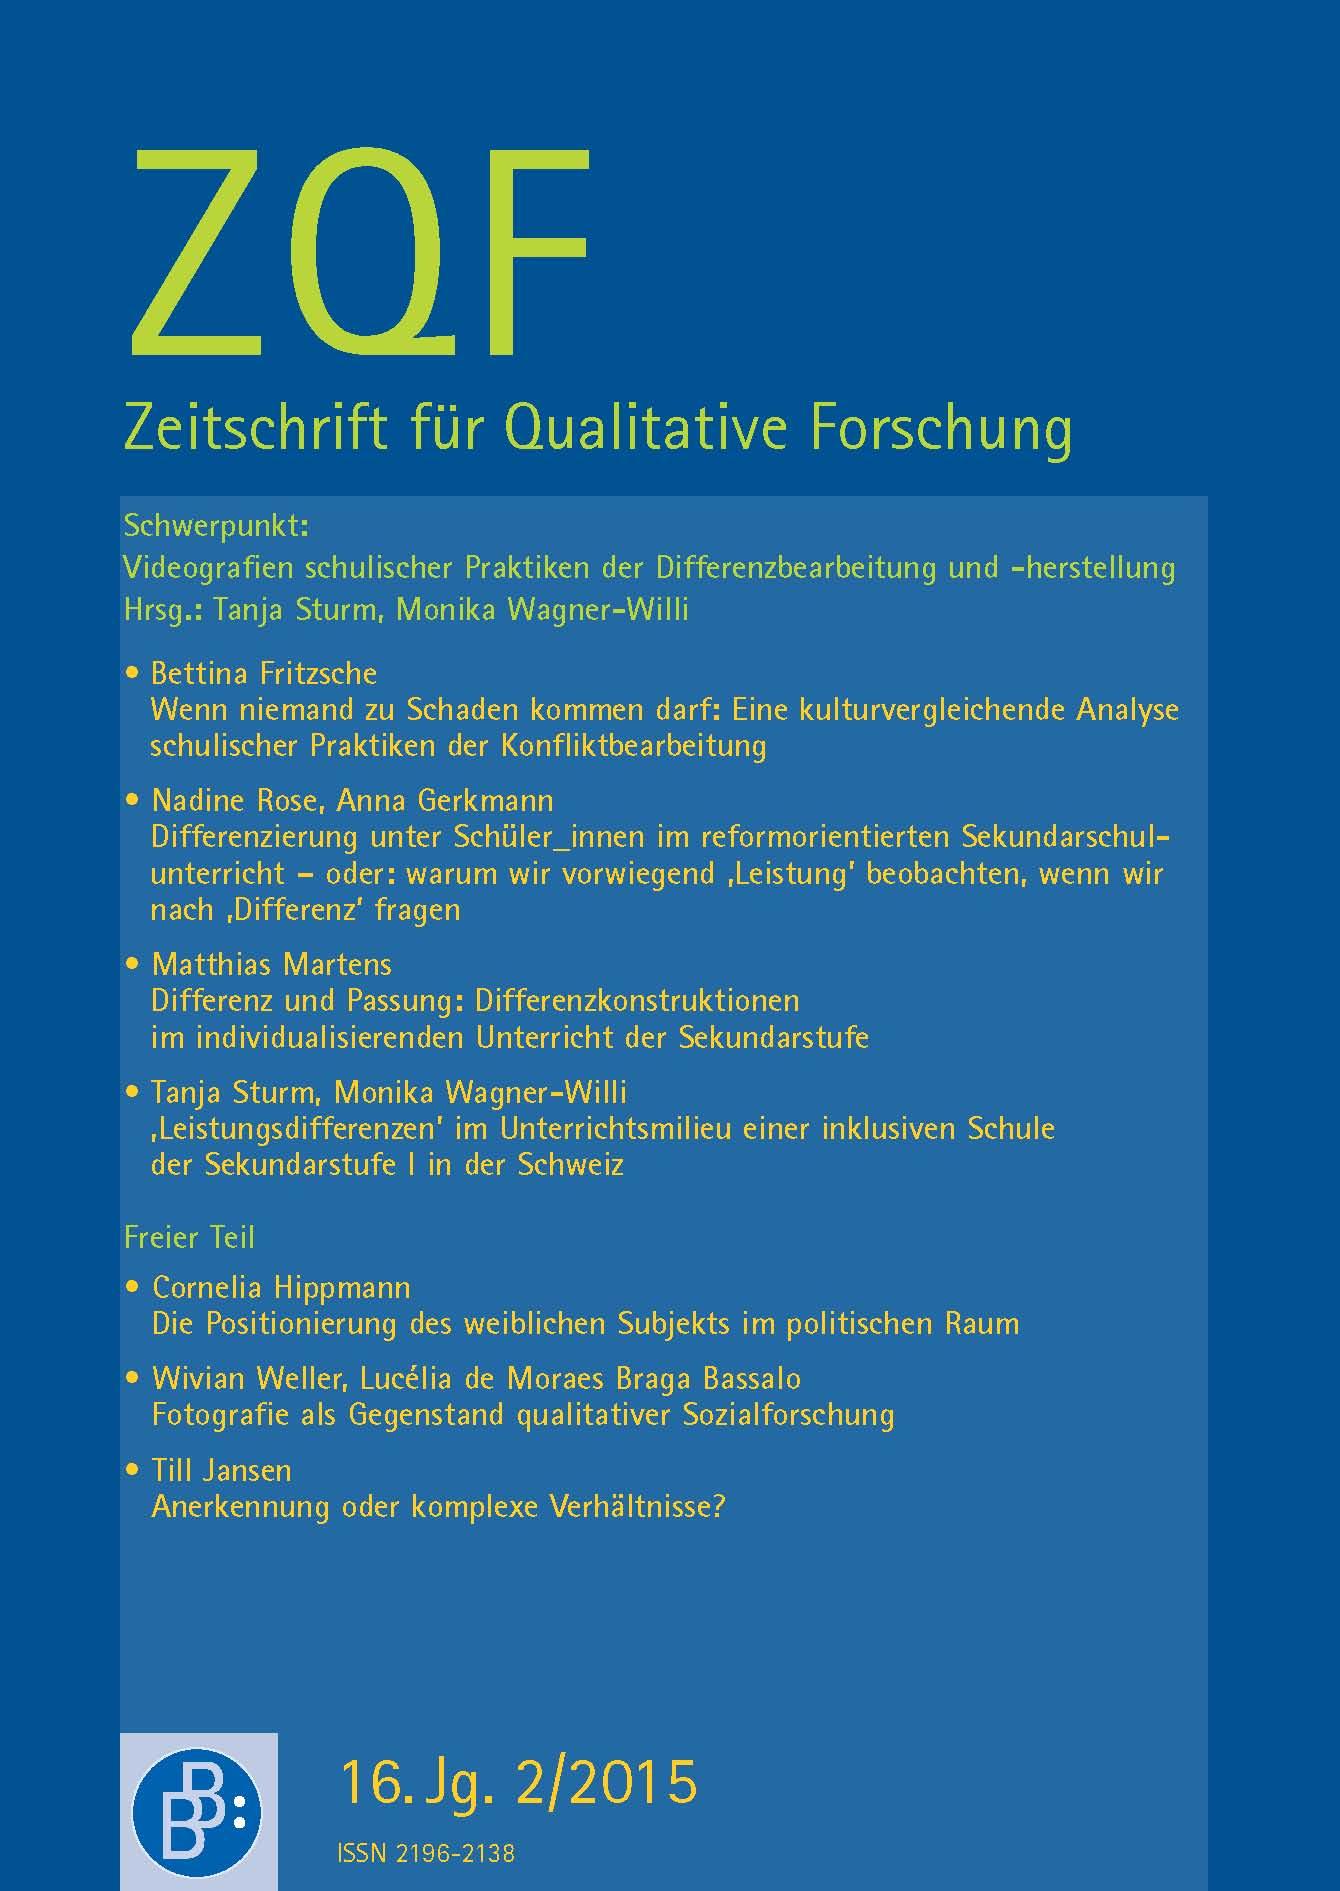 ZQF – Zeitschrift für Qualitative Forschung 2-2015: Videografien schulischer Praktiken der Differenzbearbeitung und -herstellung